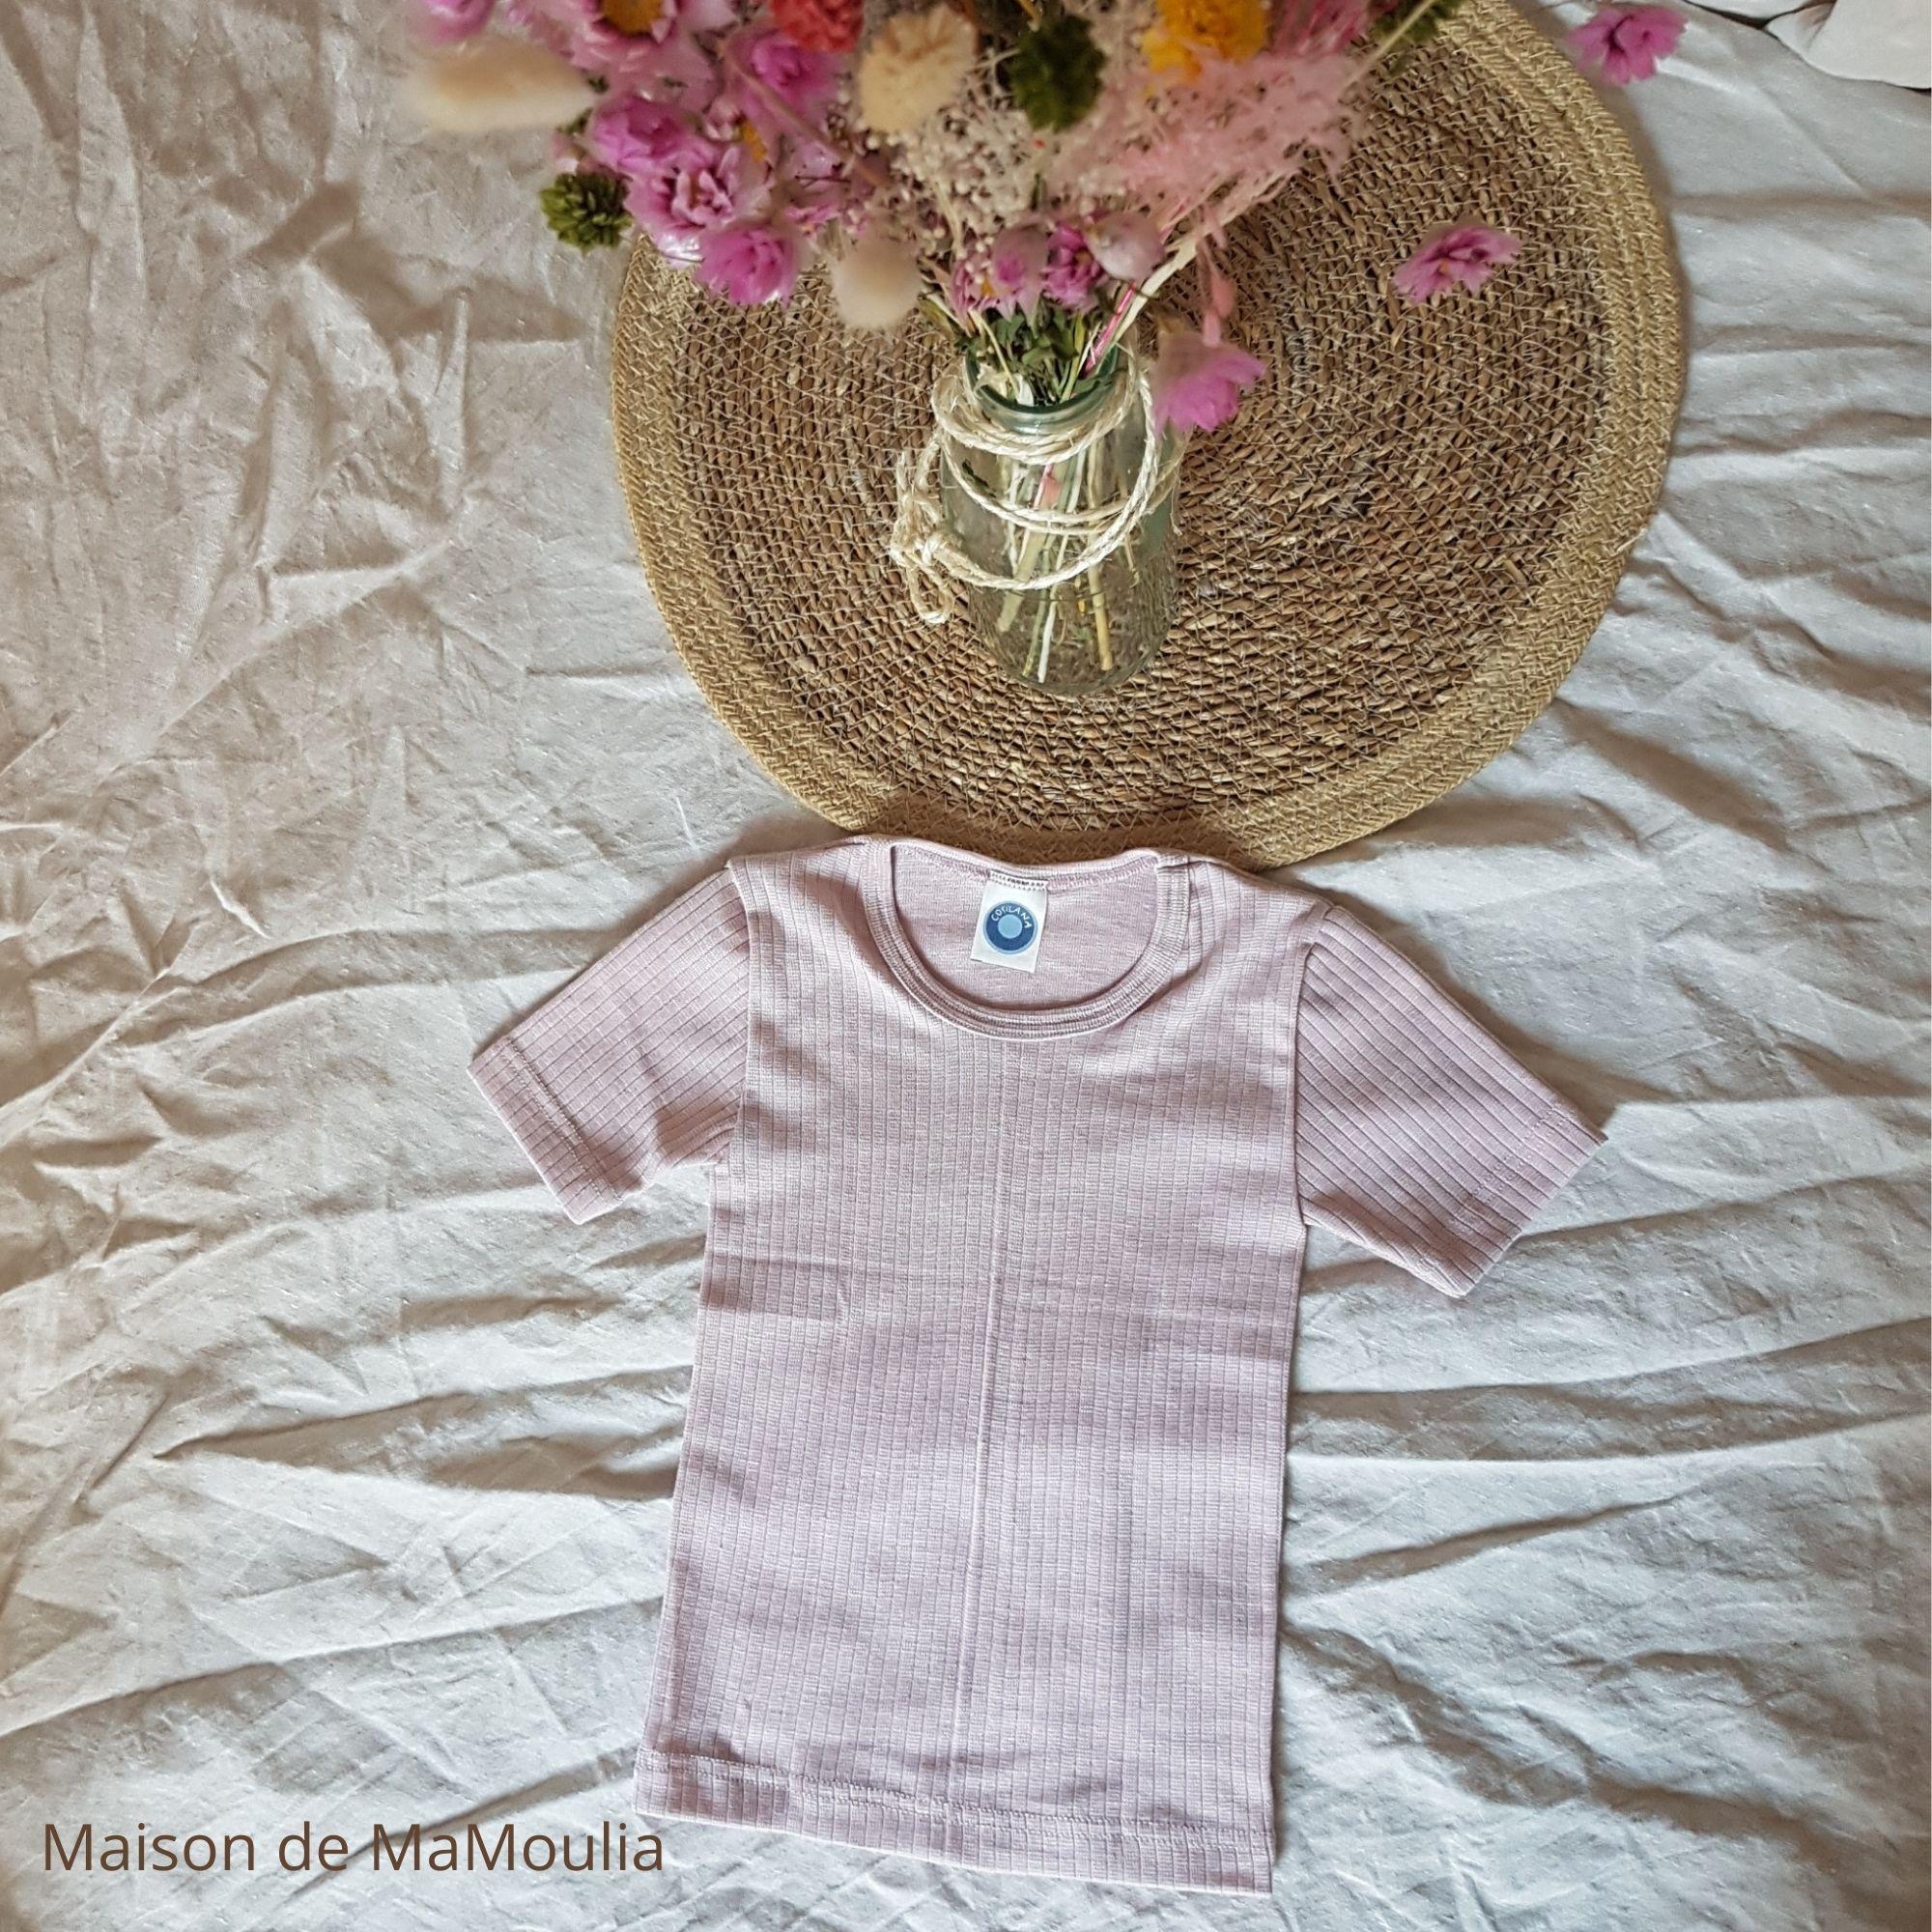 COSILANA - T-shirt à manches courtes pour enfant - Laine/Soie/Coton bio, Rose pale